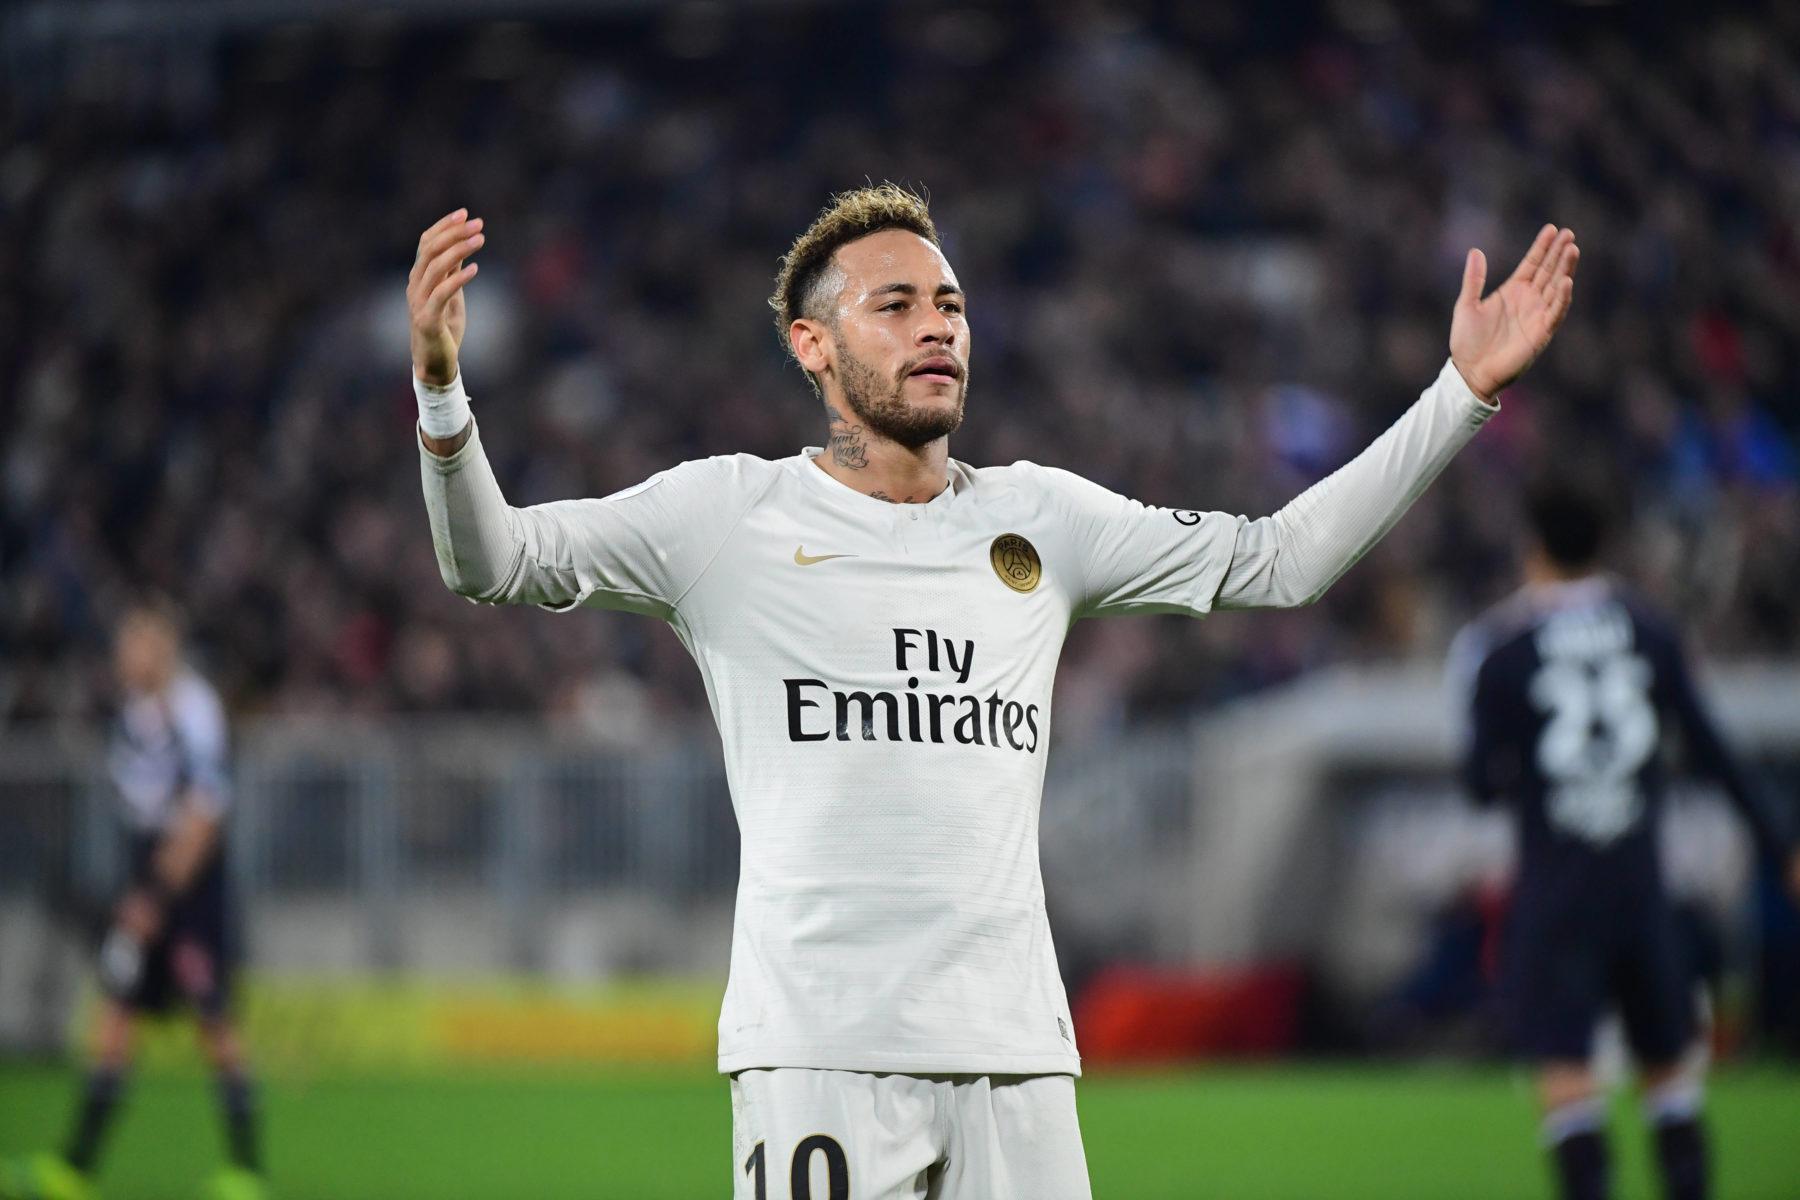 Mercato : Le Real offre 130 millions d'euros pour Neymar, le PSG en réclame 300, le Barca à l'affût…